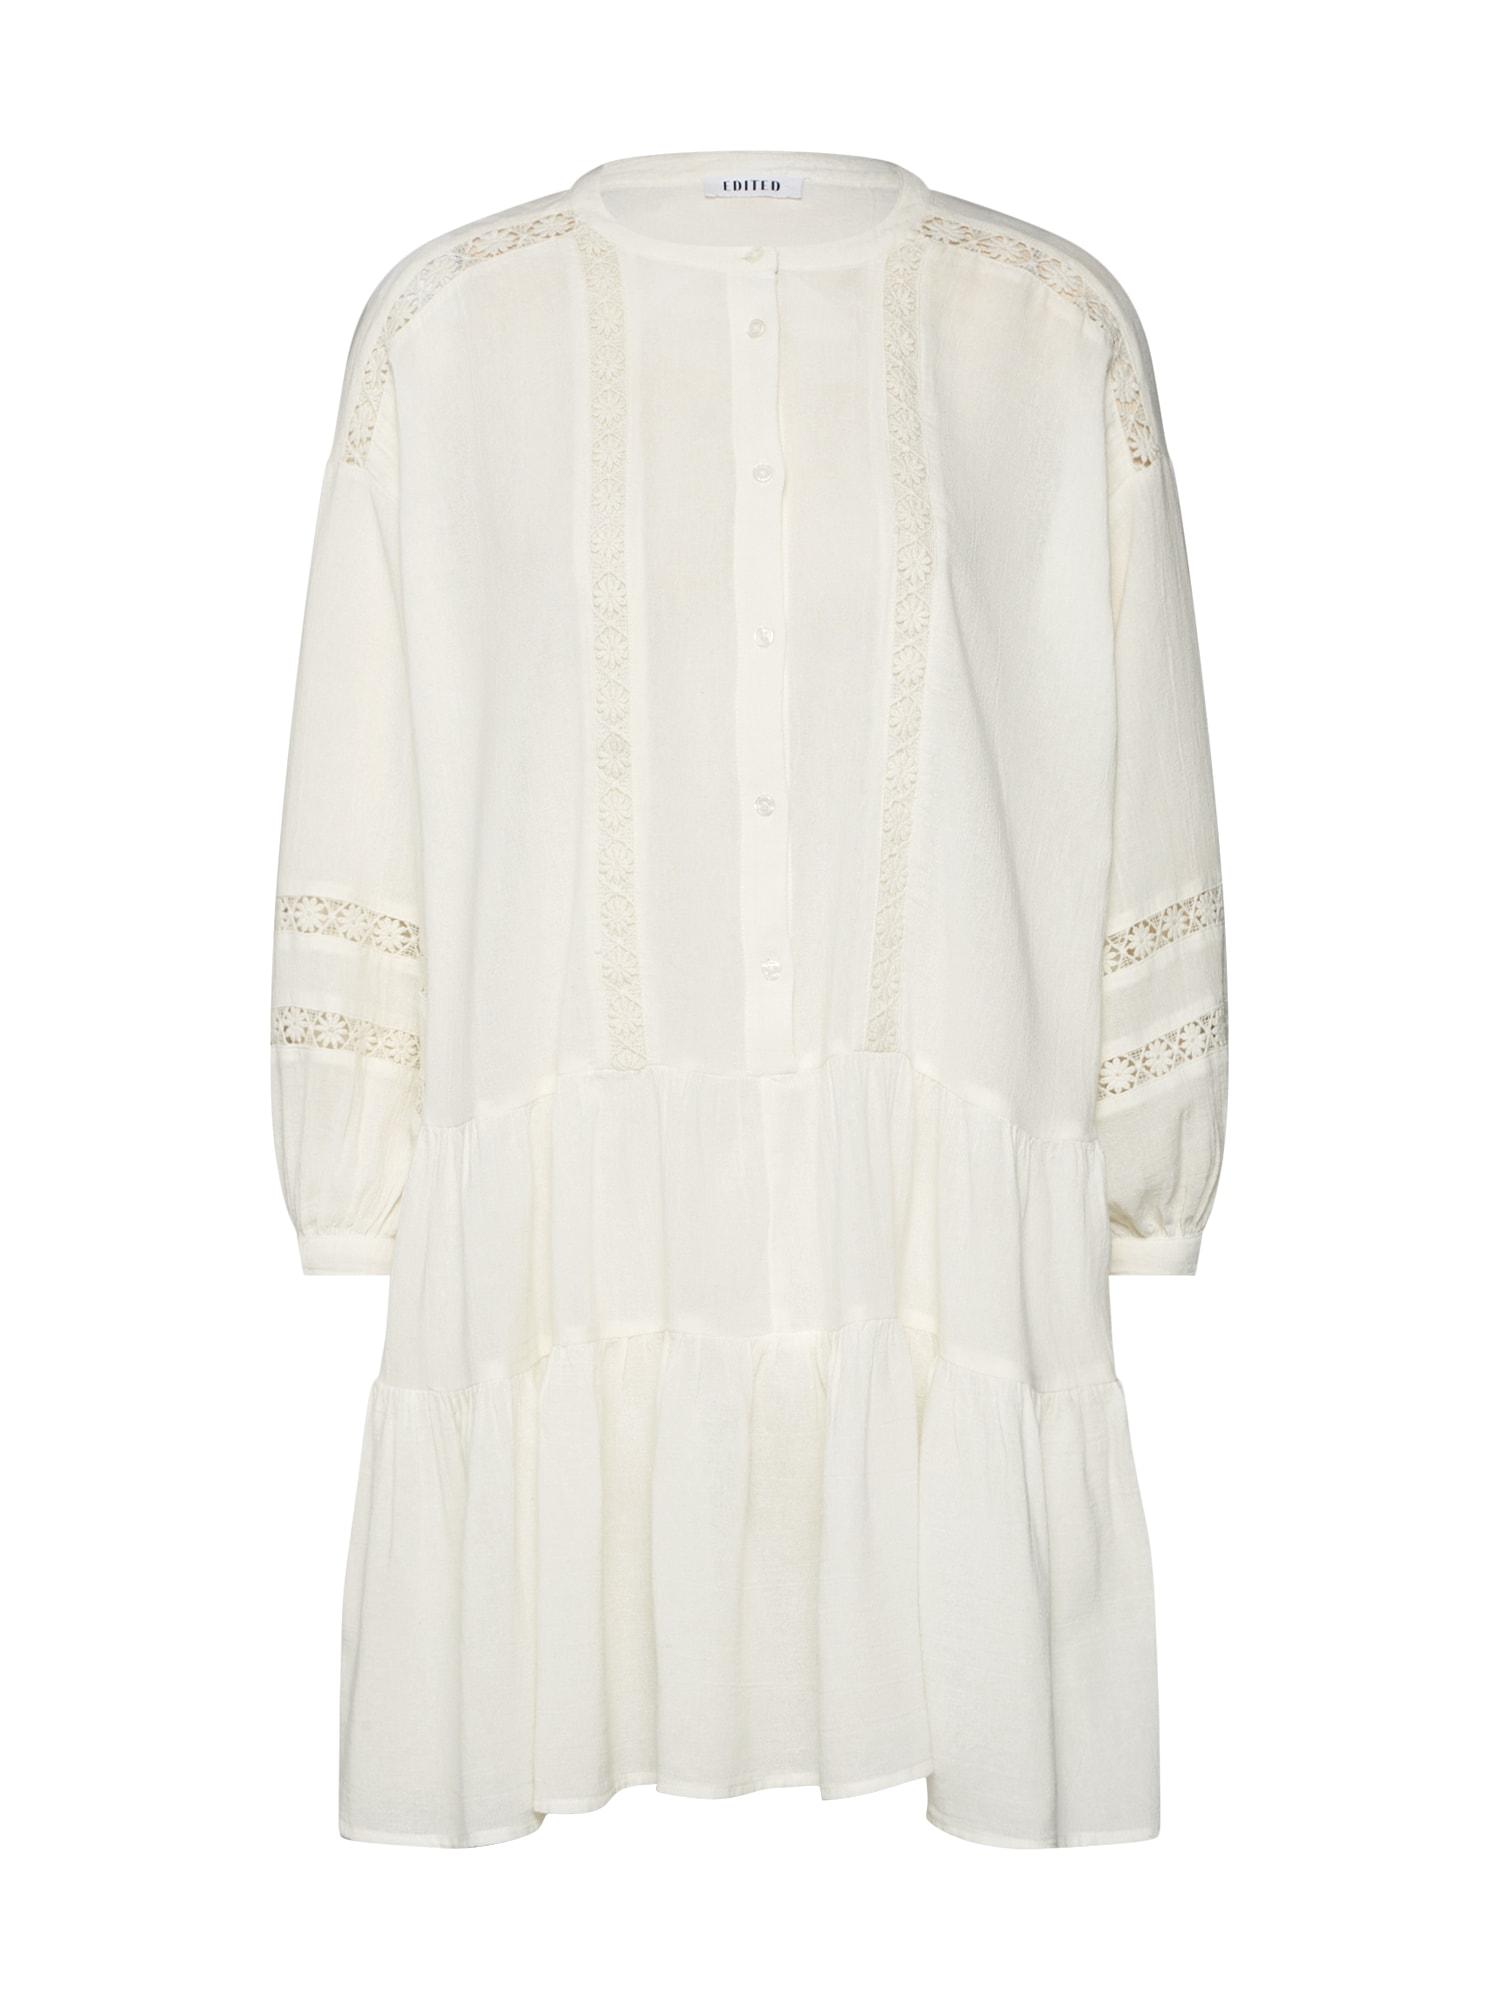 Šaty Despina bílá EDITED